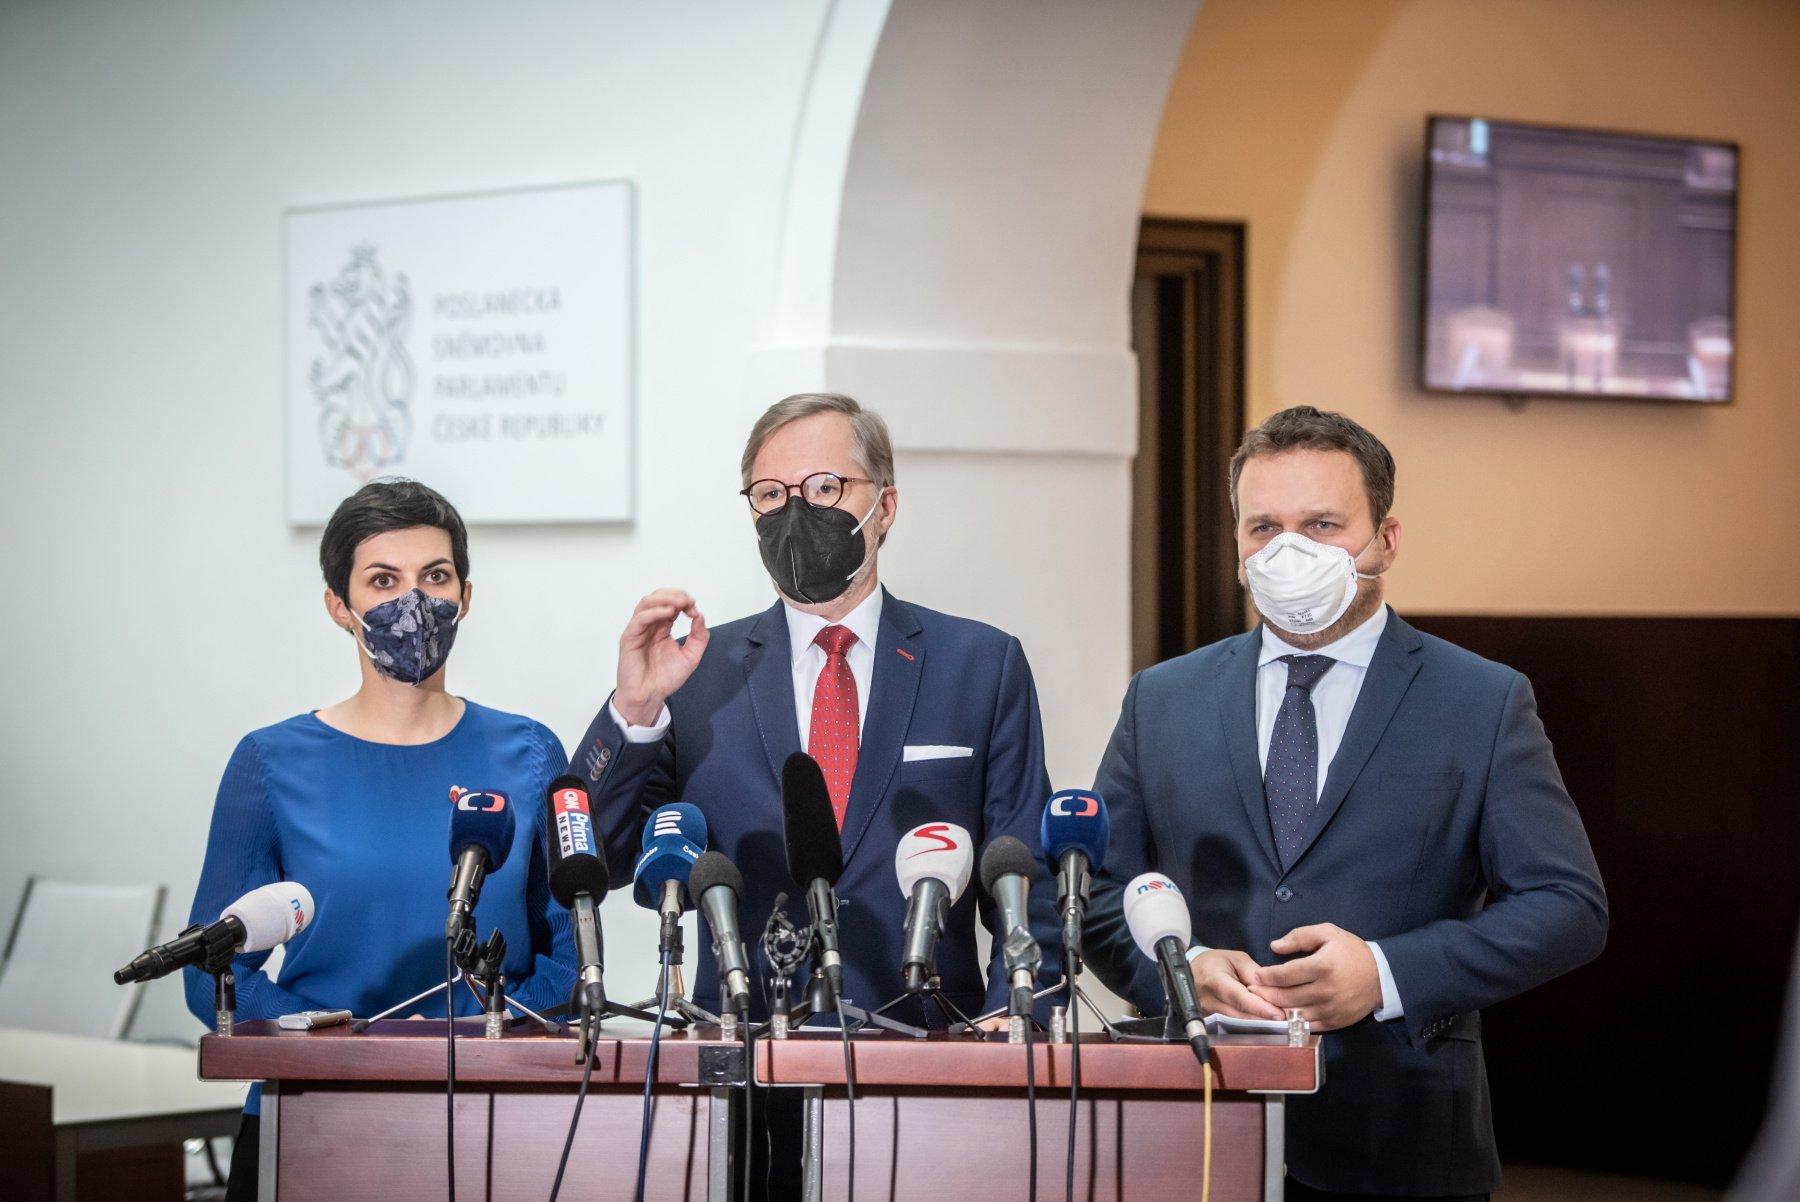 SPOLU: Češi nejsou zboží. Ve Vrběticích šlo o teroristický akt. Česko musí vyhostit ruské diplomaty, ukončit jednání o Sputniku a vyzvat partnery z EU a NATO k okamžité spolupráci